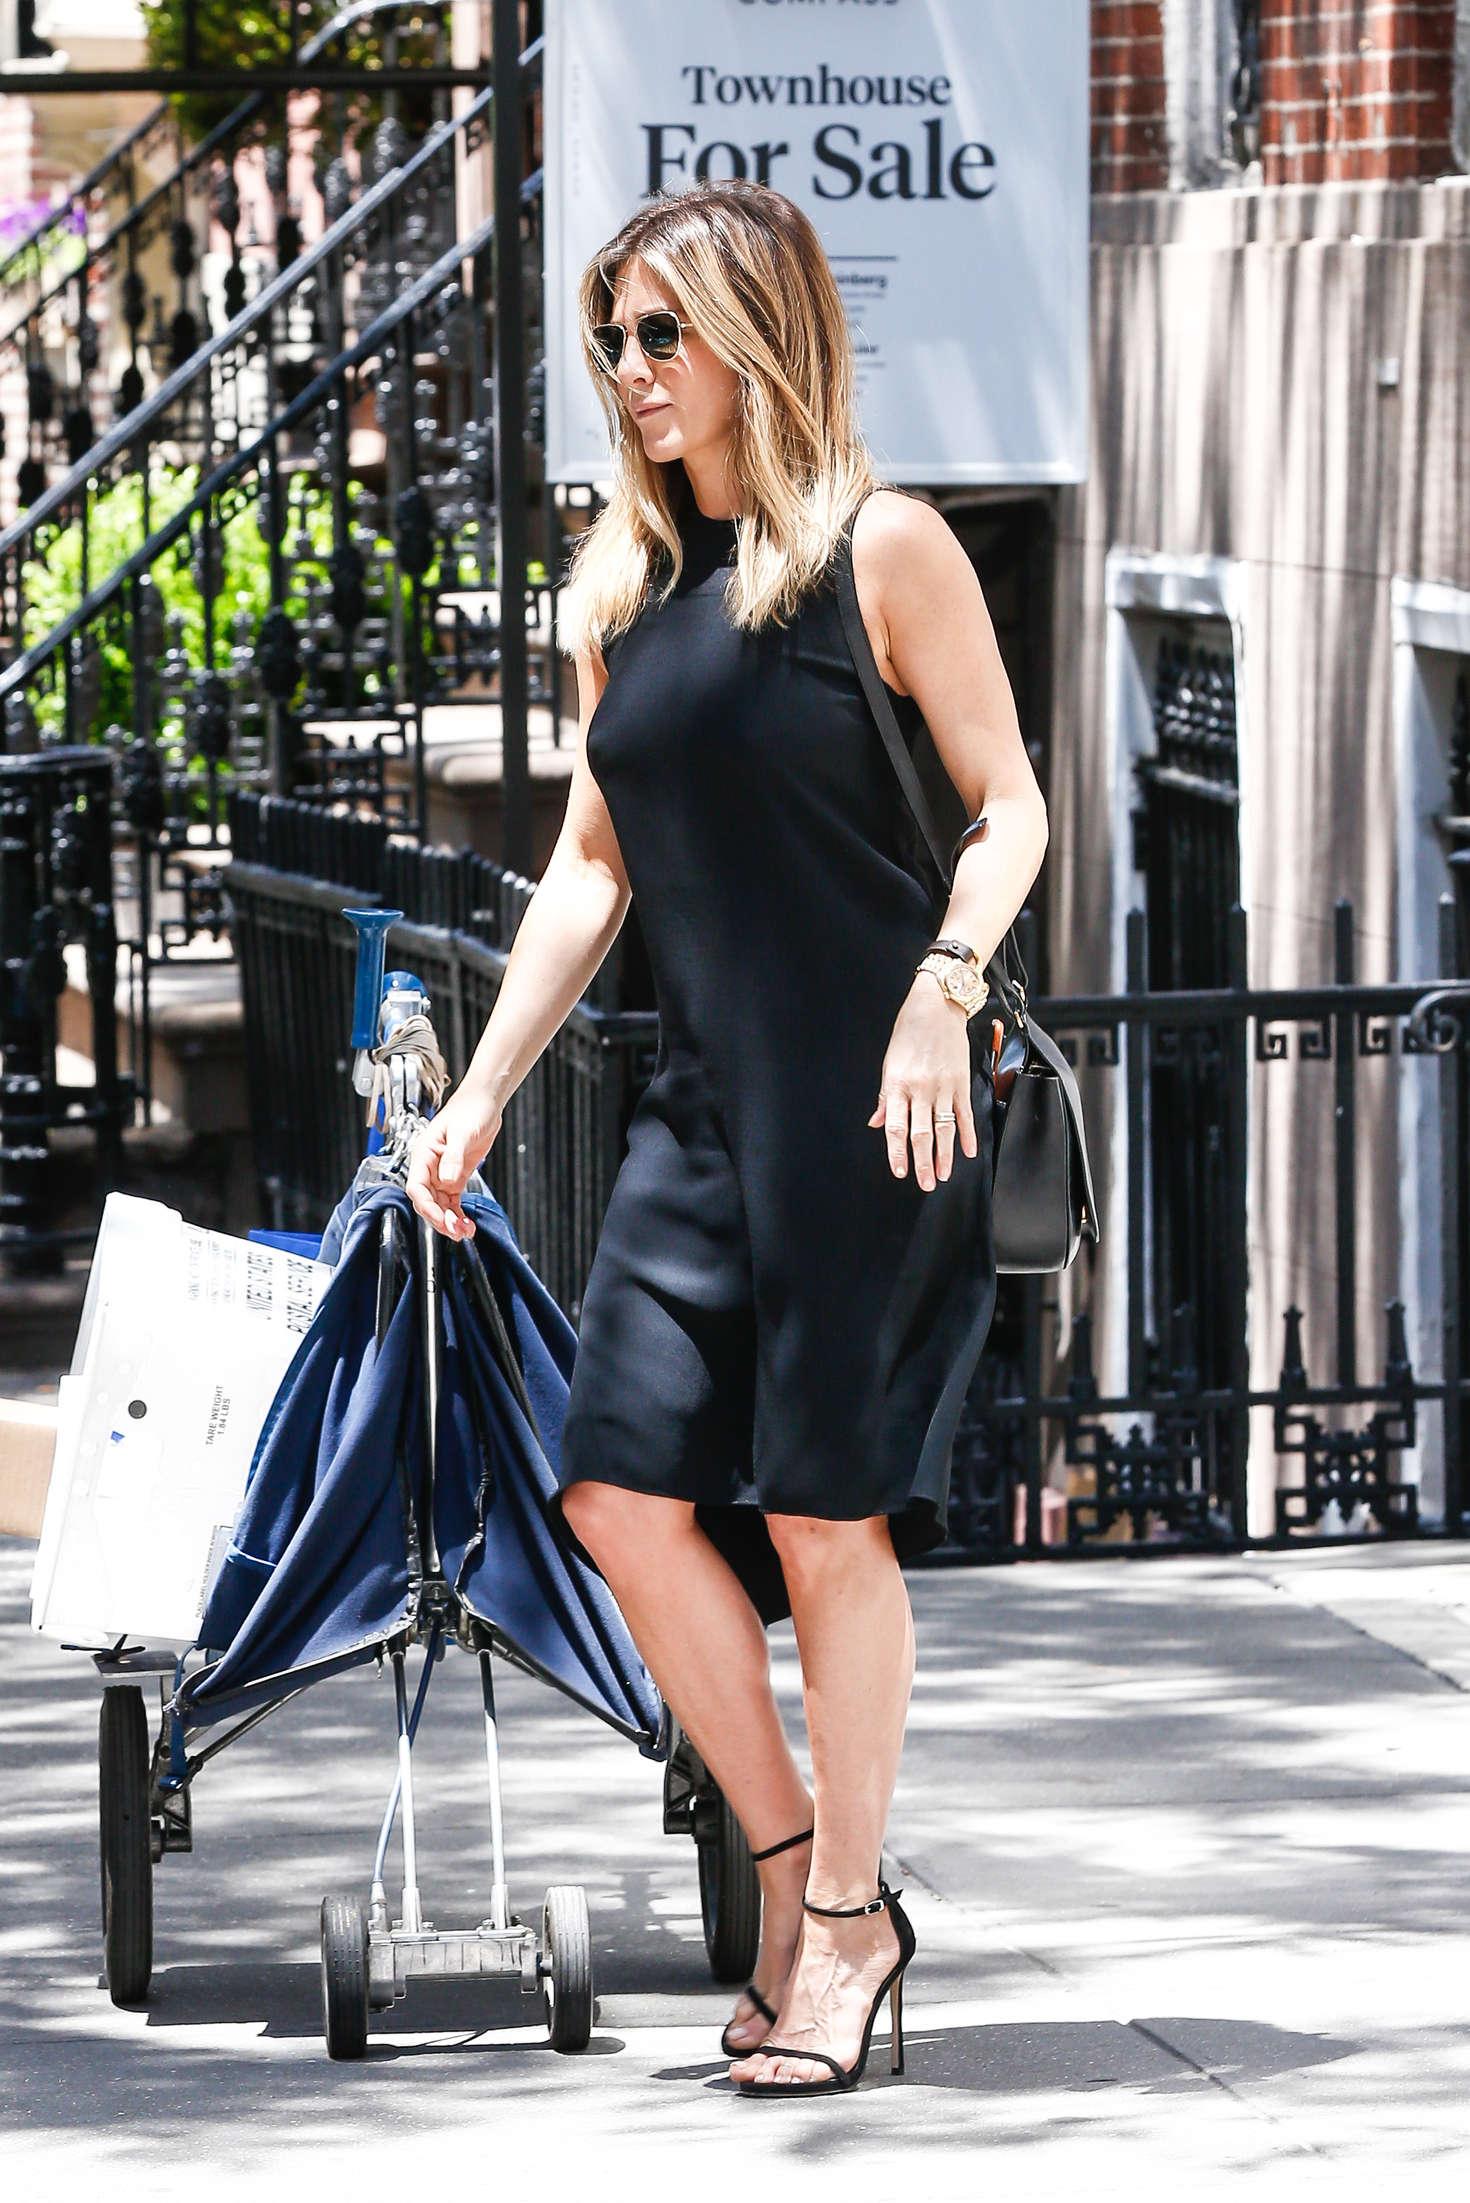 Jennifer Aniston In Black Mini Dress 13 Gotceleb